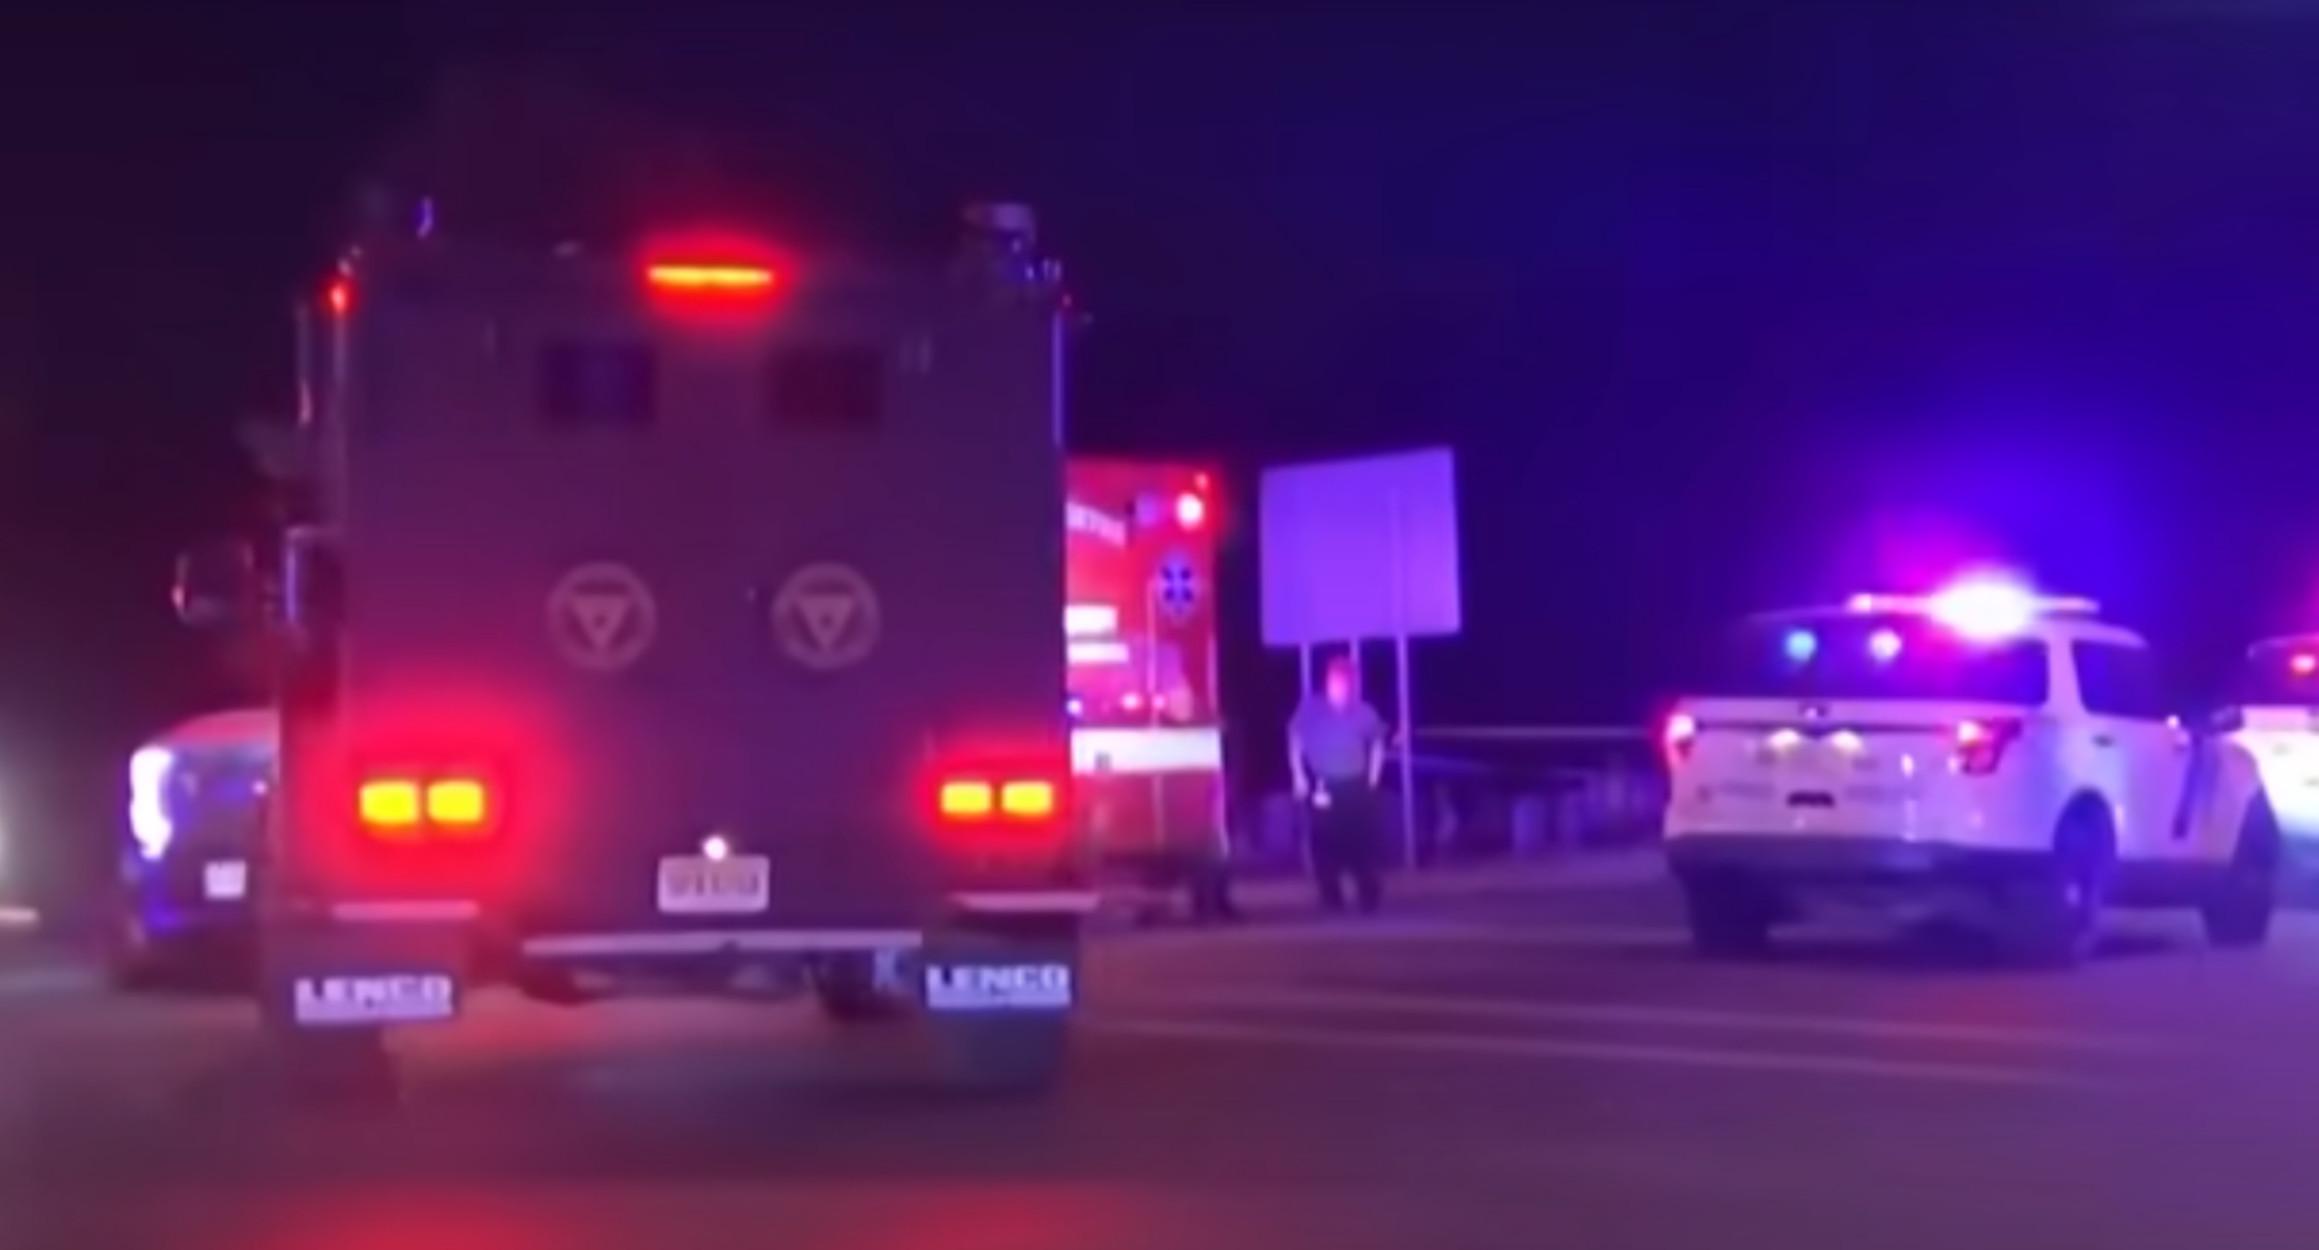 ΗΠΑ: 12 νεκροί σε επεισόδια με πυροβολισμούς το Σαββατοκύριακο (video)